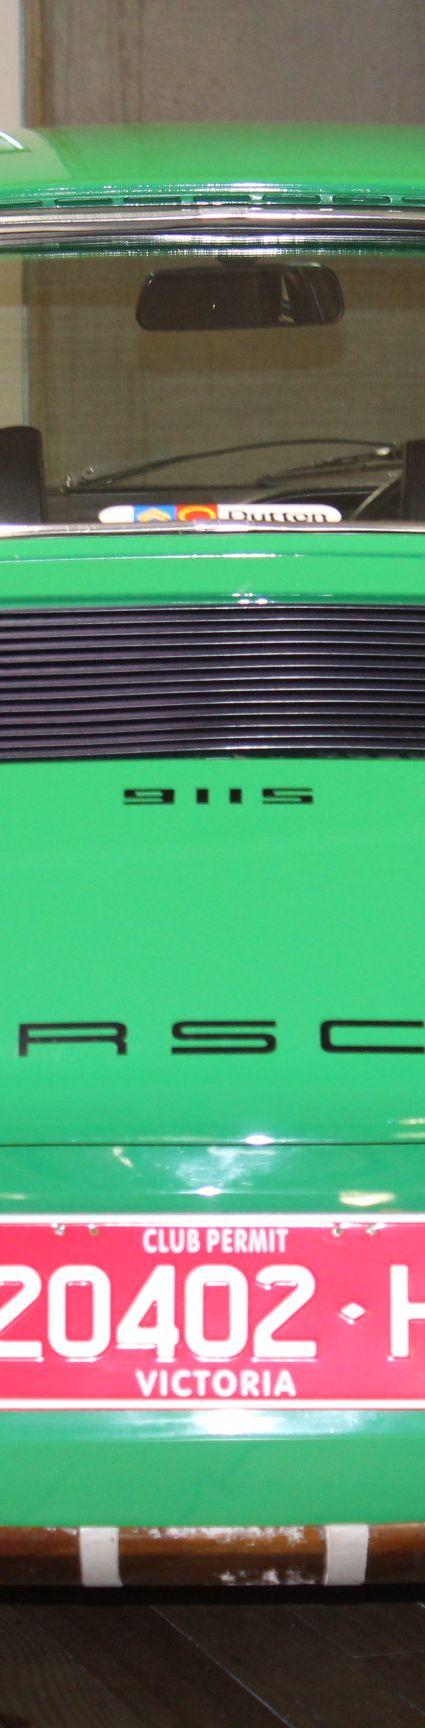 1972 Porsche 911 S - Green for sale in Australia